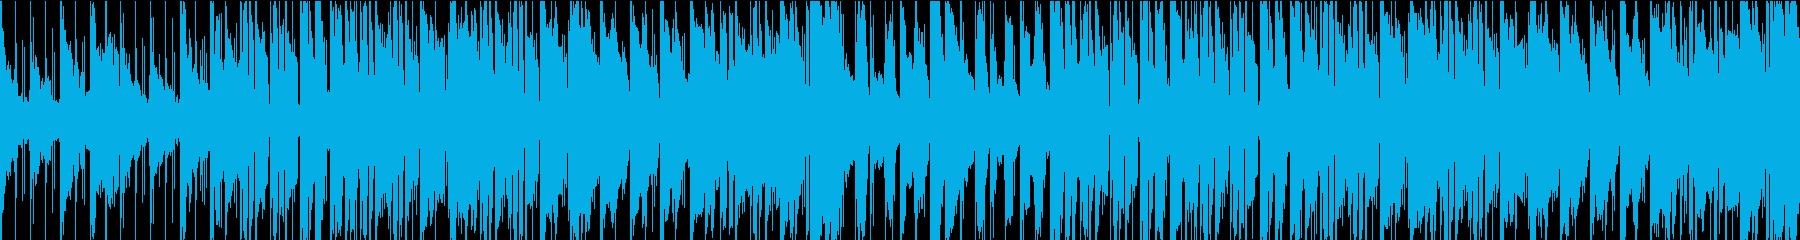 雨の日に合うアンビエントなループBGMの再生済みの波形